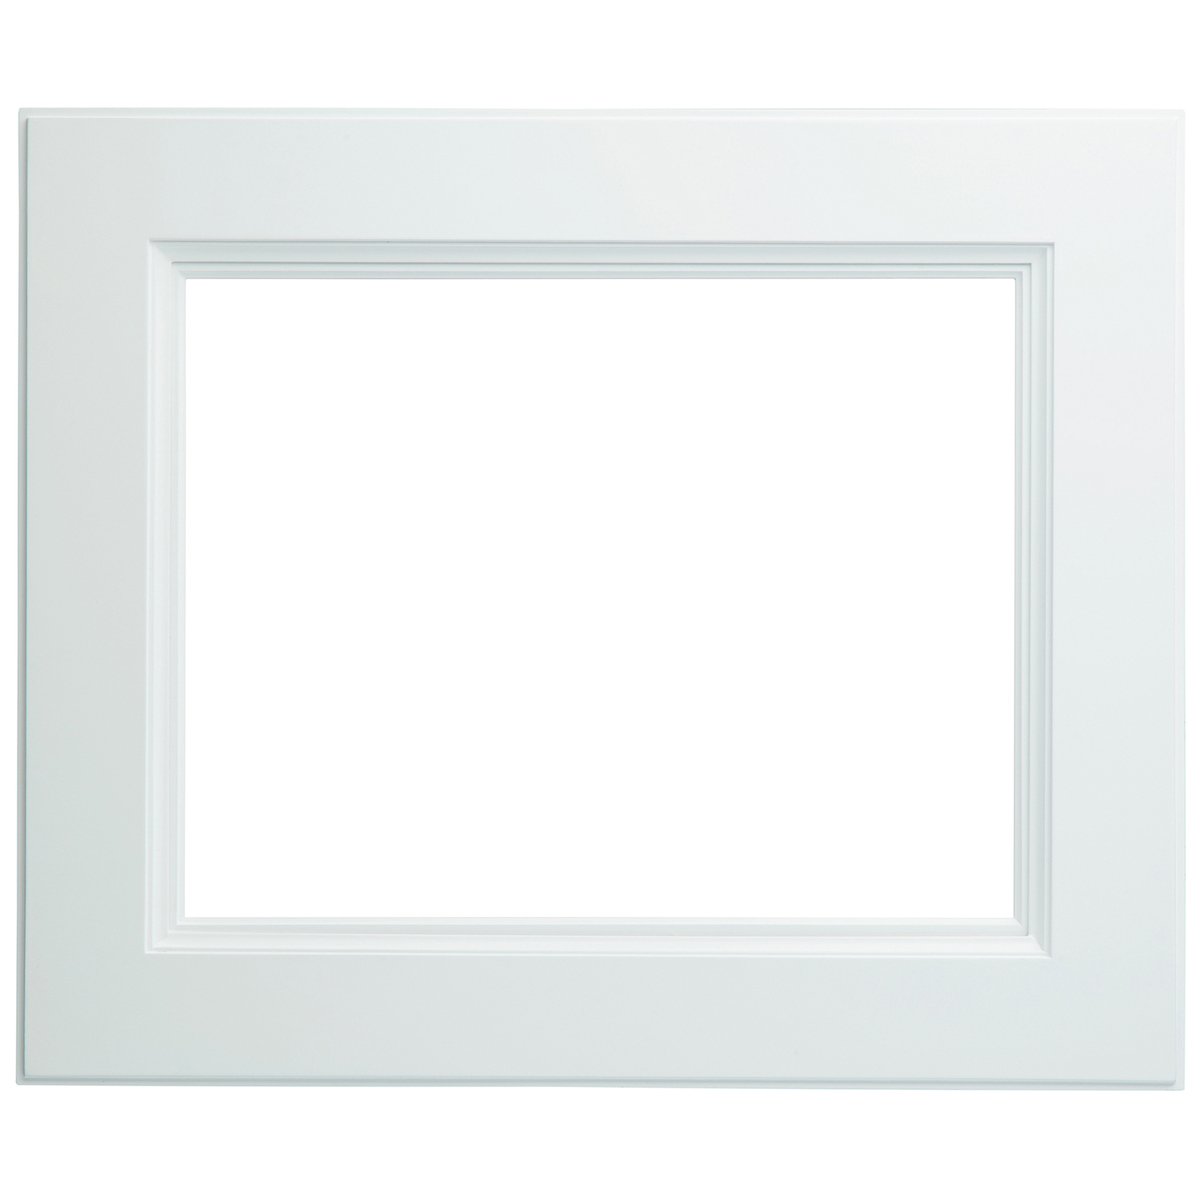 ラーソン・ジュール 油絵用額縁 A263 F12 ホワイト